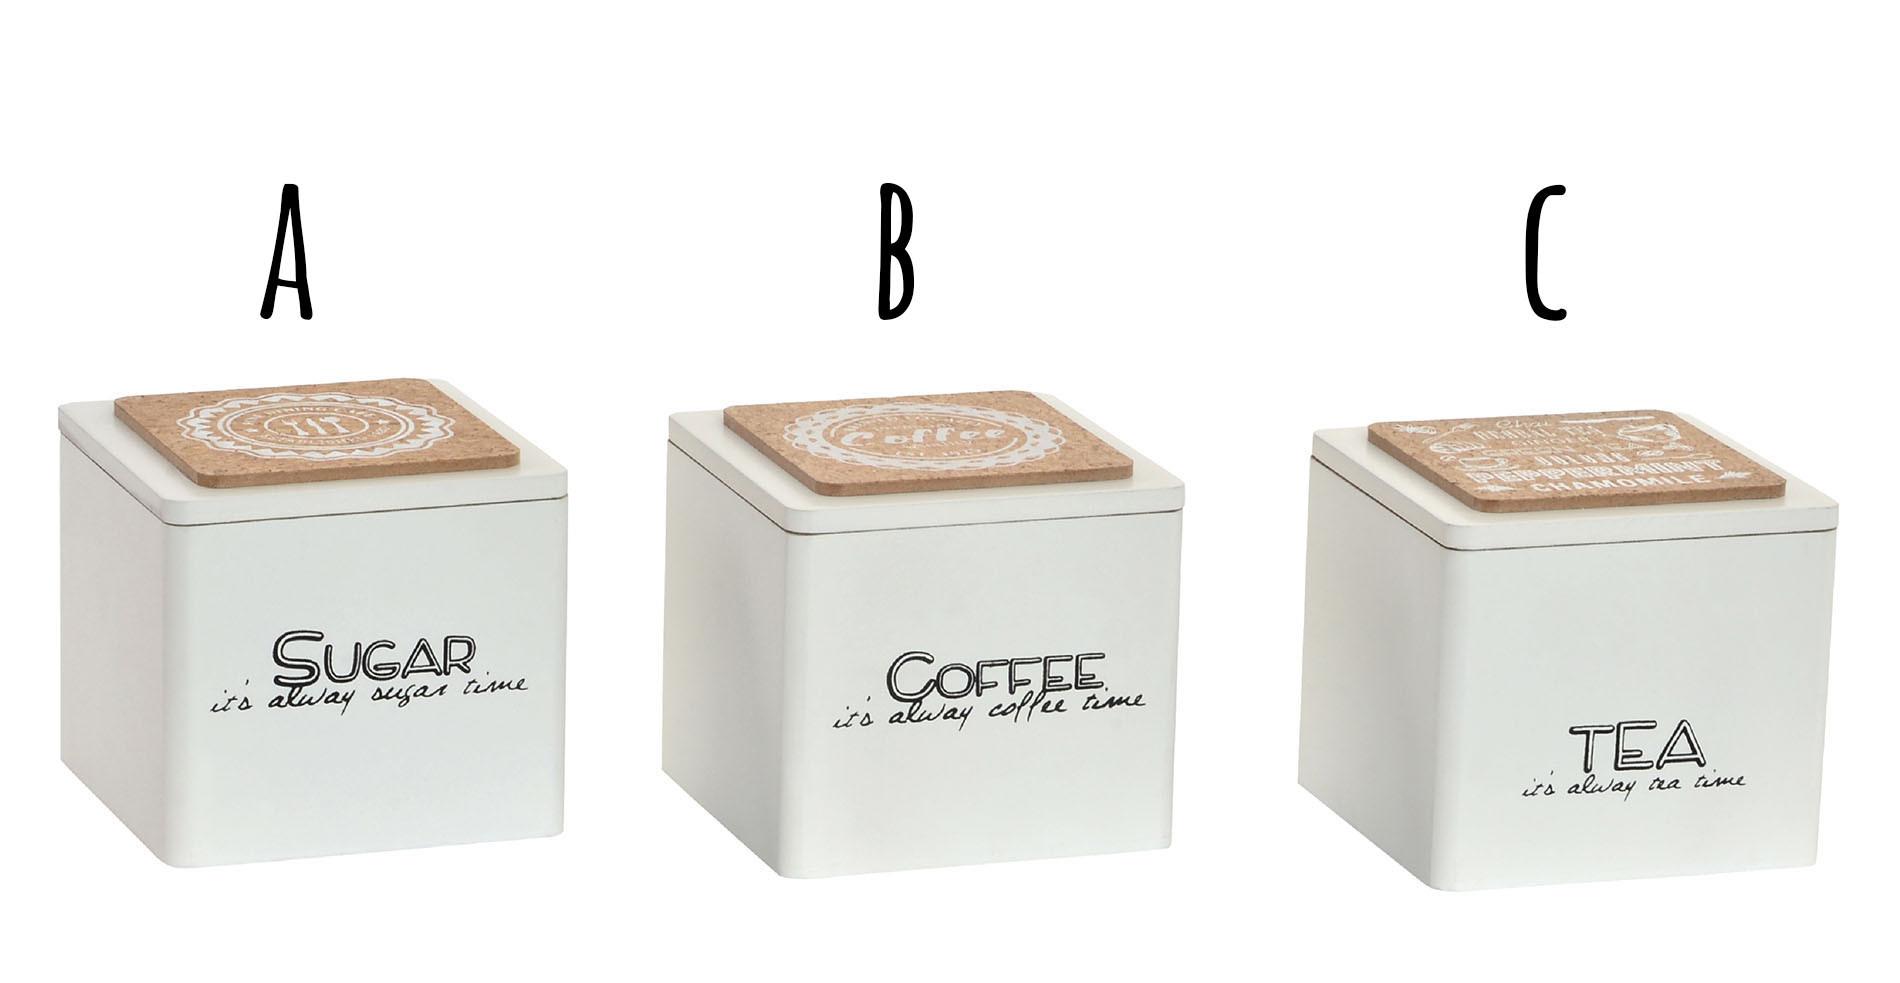 Bote Cocina para Cáfe, Azucar y Té de Madera y Corcho, 3 Modelos a elegir. Diseño Original 10X10X10 cm.-Hogarymas-